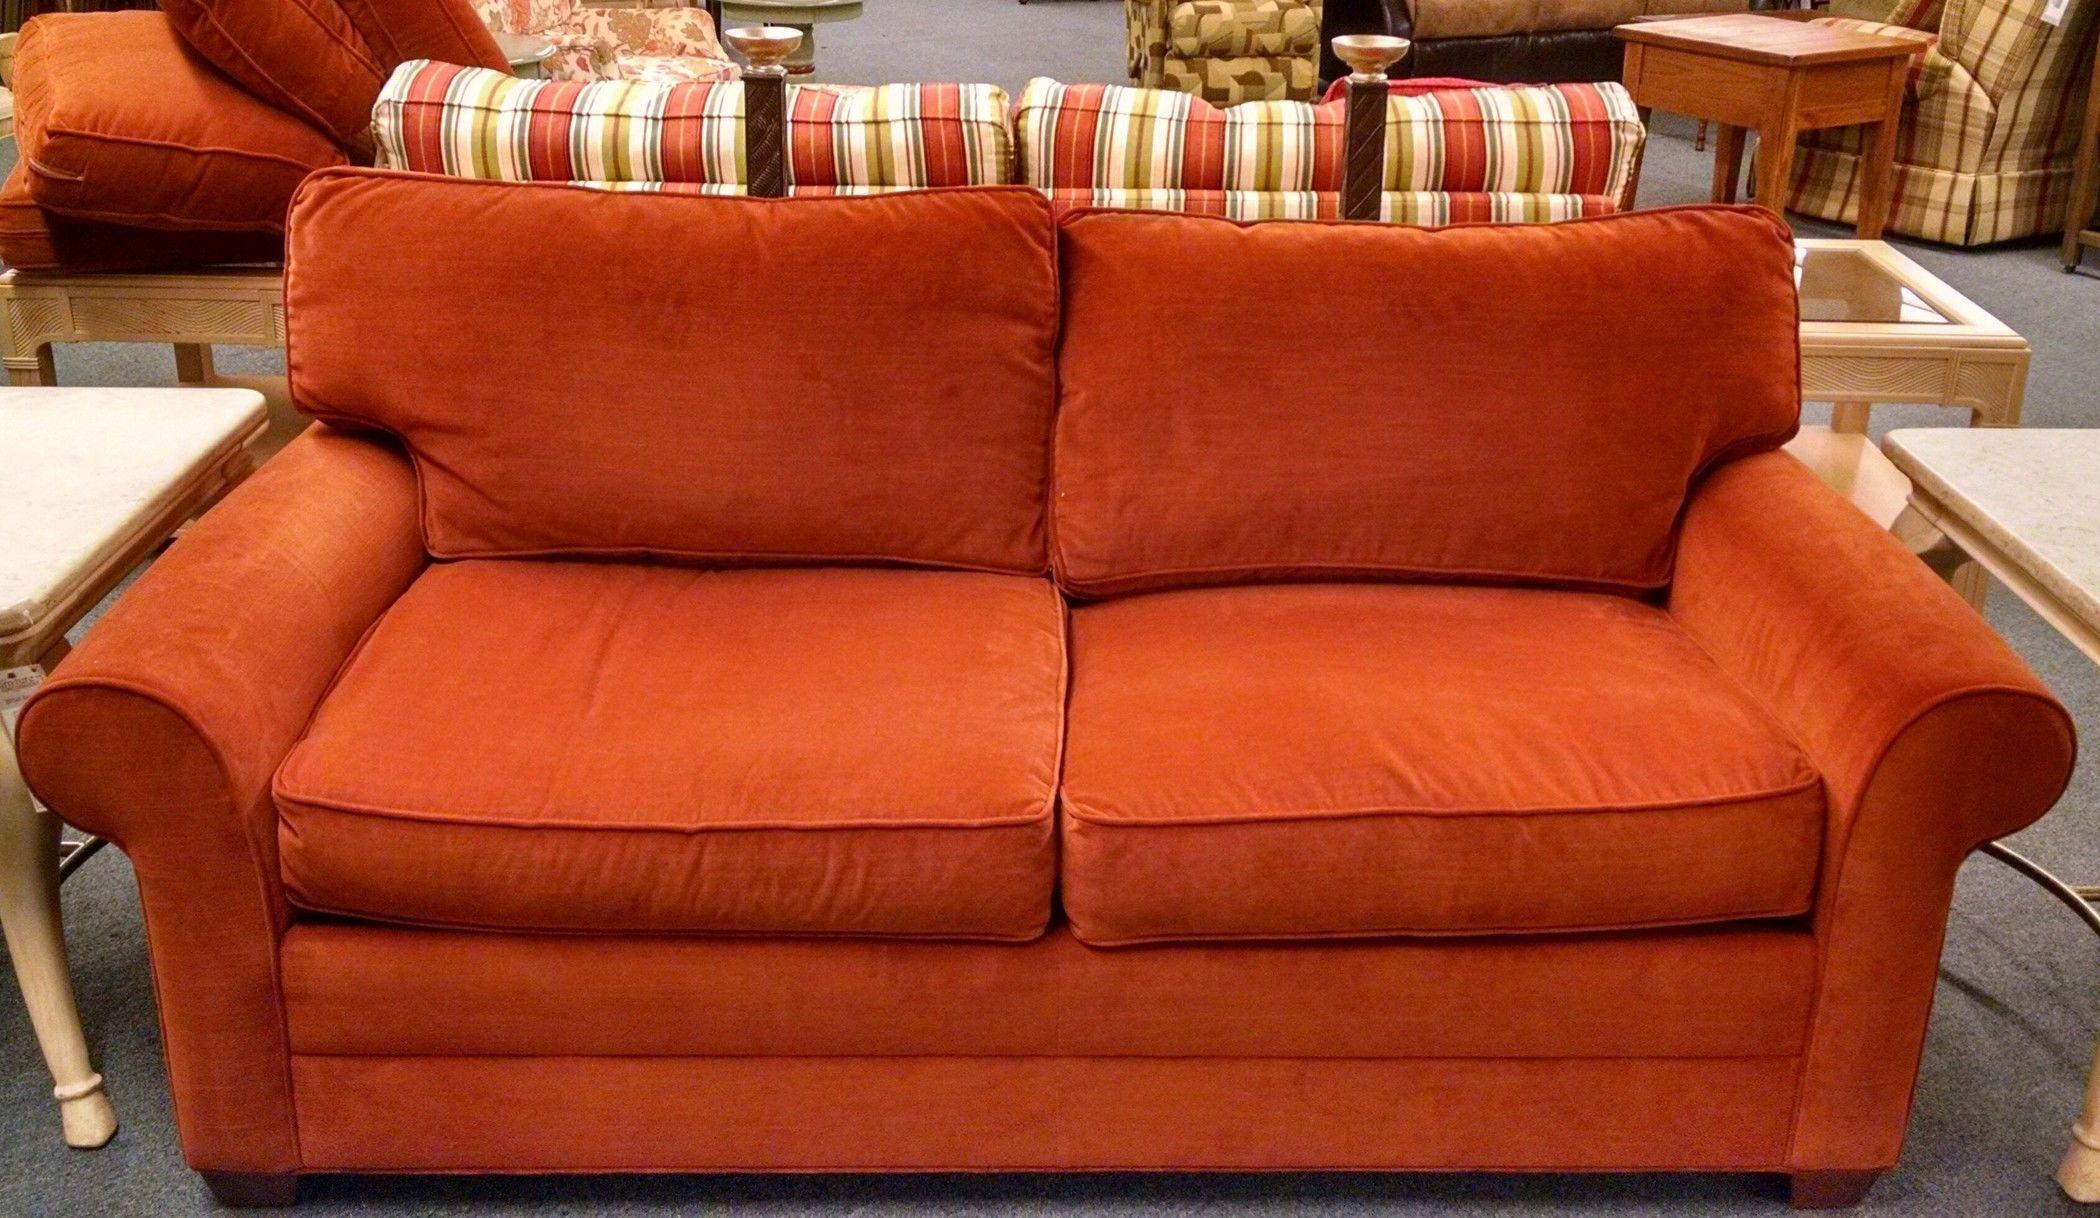 Ethan allen bennett sofa delmarva furniture consignment for Ethan allen bennett sectional sofa